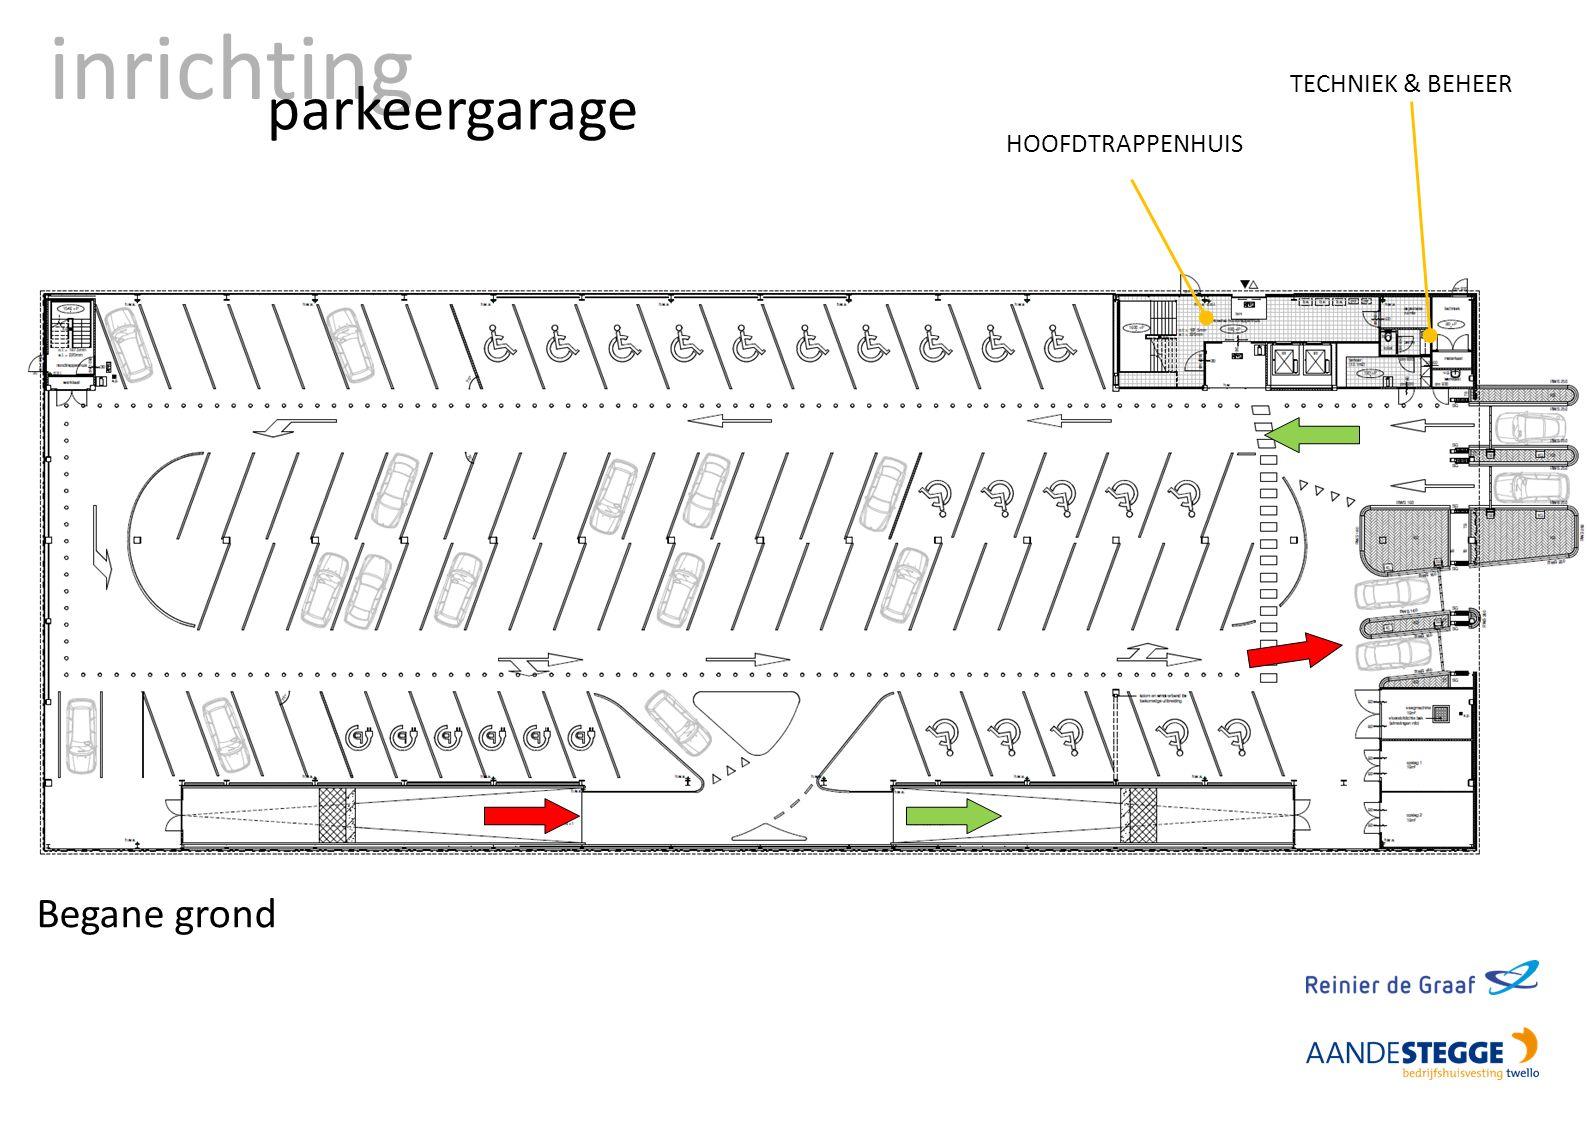 inrichting parkeergarage Begane grond HOOFDTRAPPENHUIS TECHNIEK & BEHEER